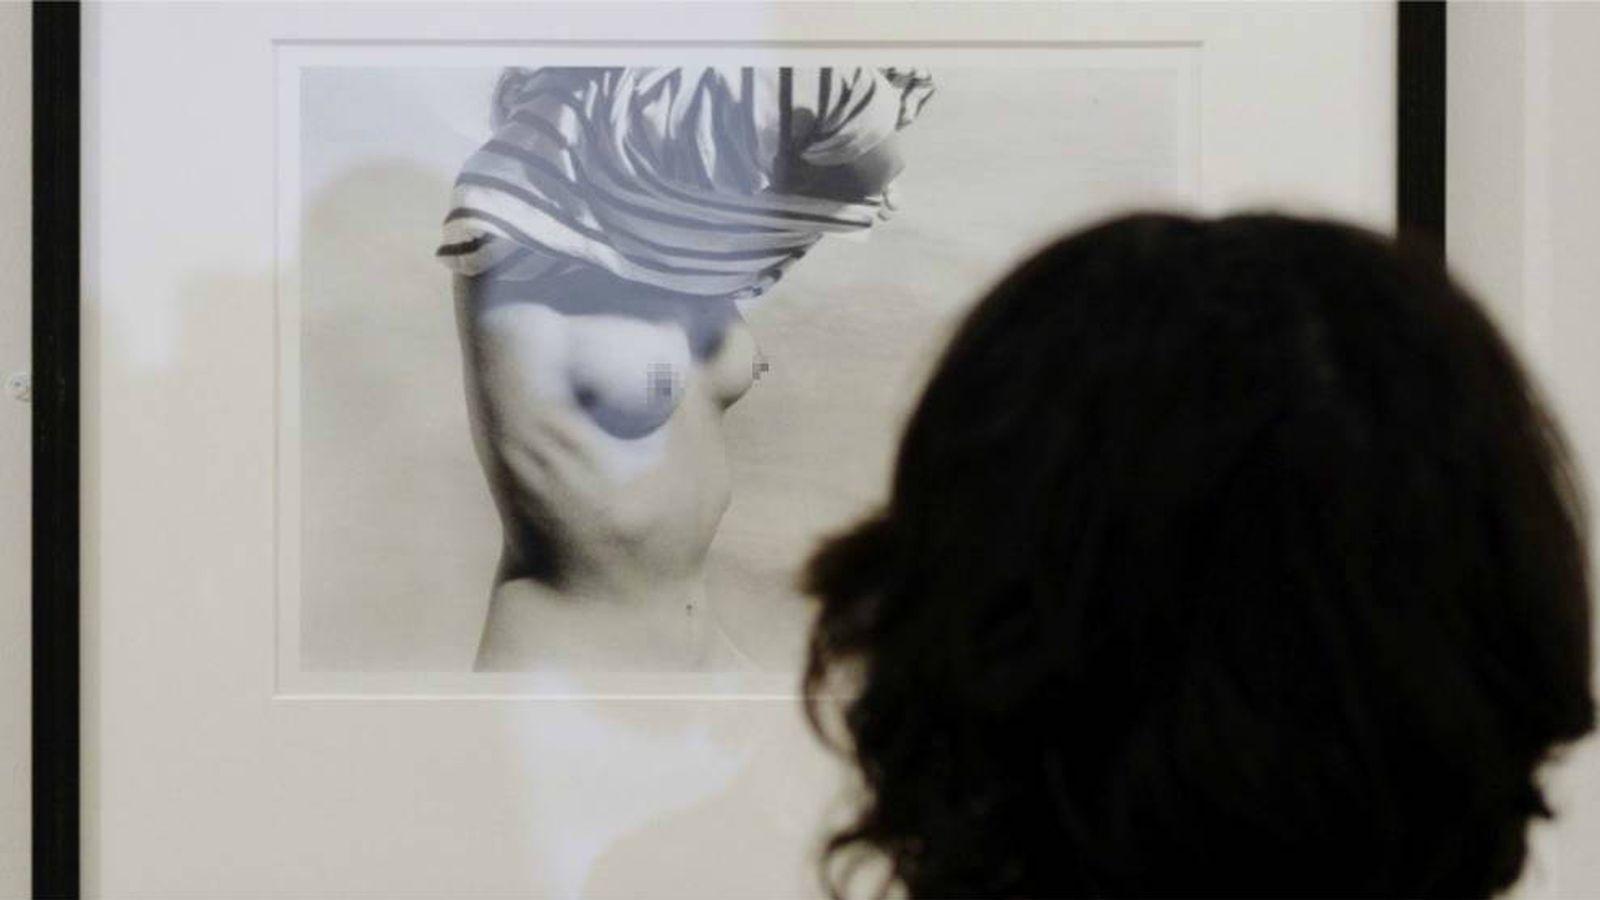 Aerte Porno facebook: ¿arte o porno? facebook censura una fotografía con